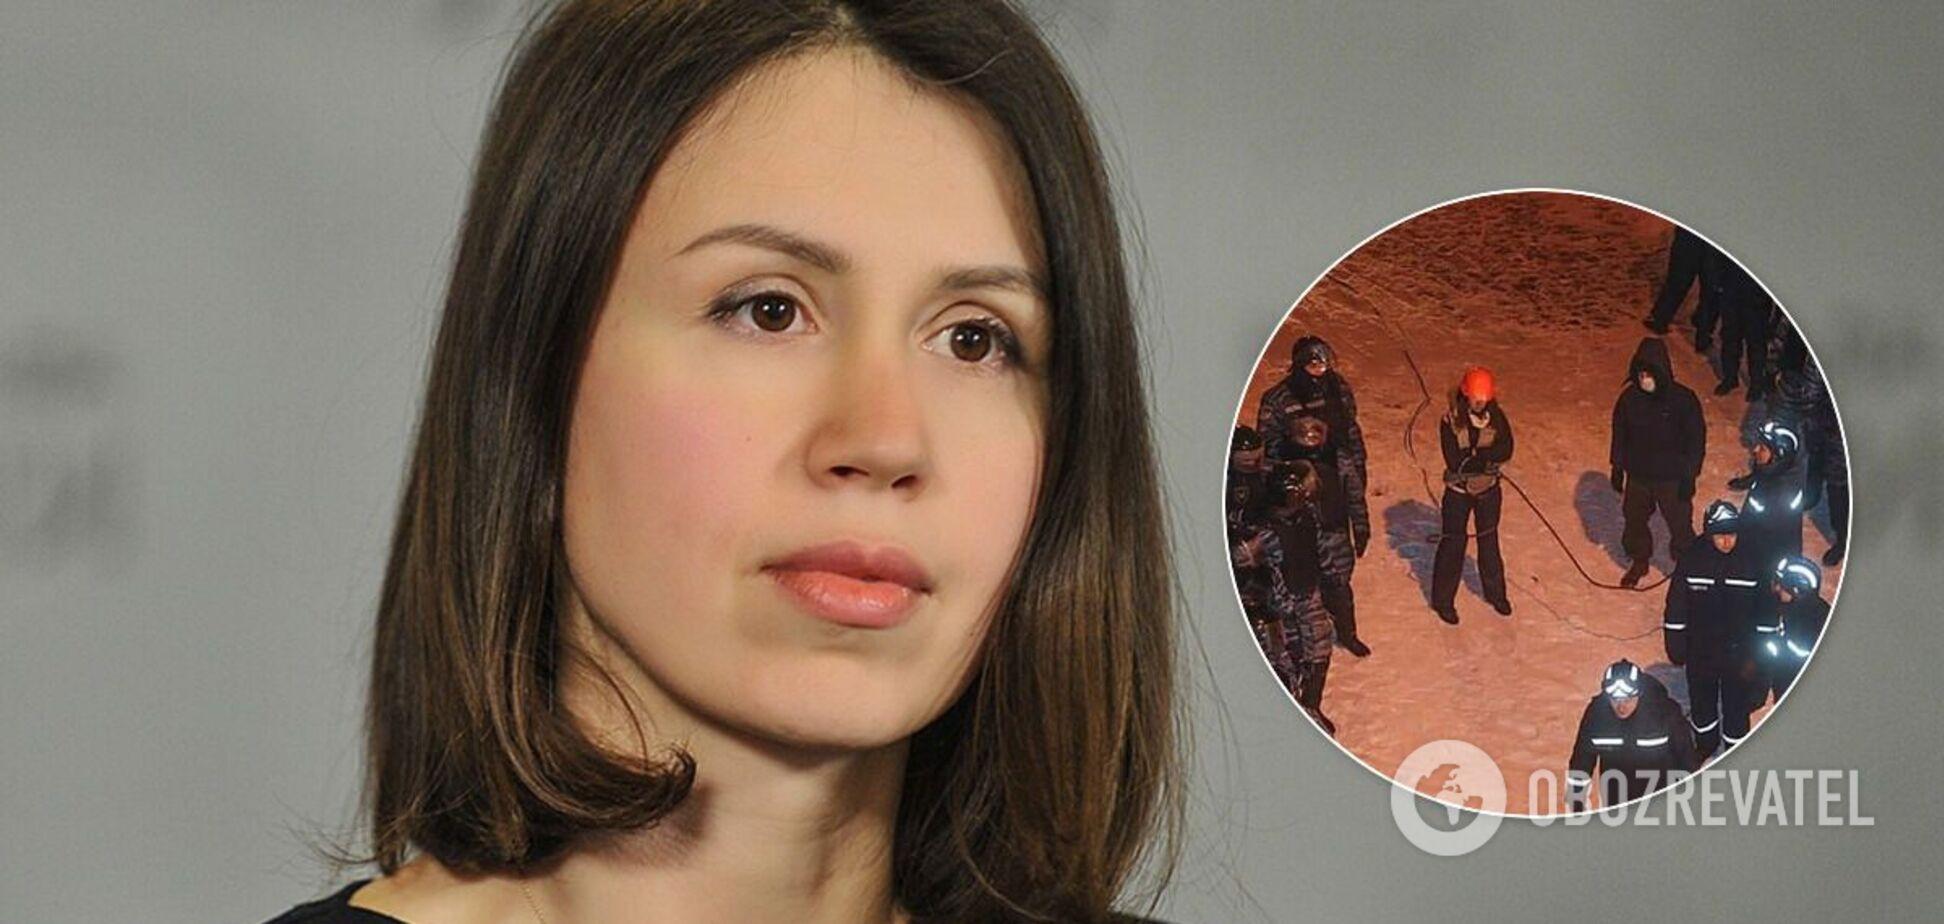 Черновол заявила, что ГБР вручит ей обвинение за участие в Революции Достоинства